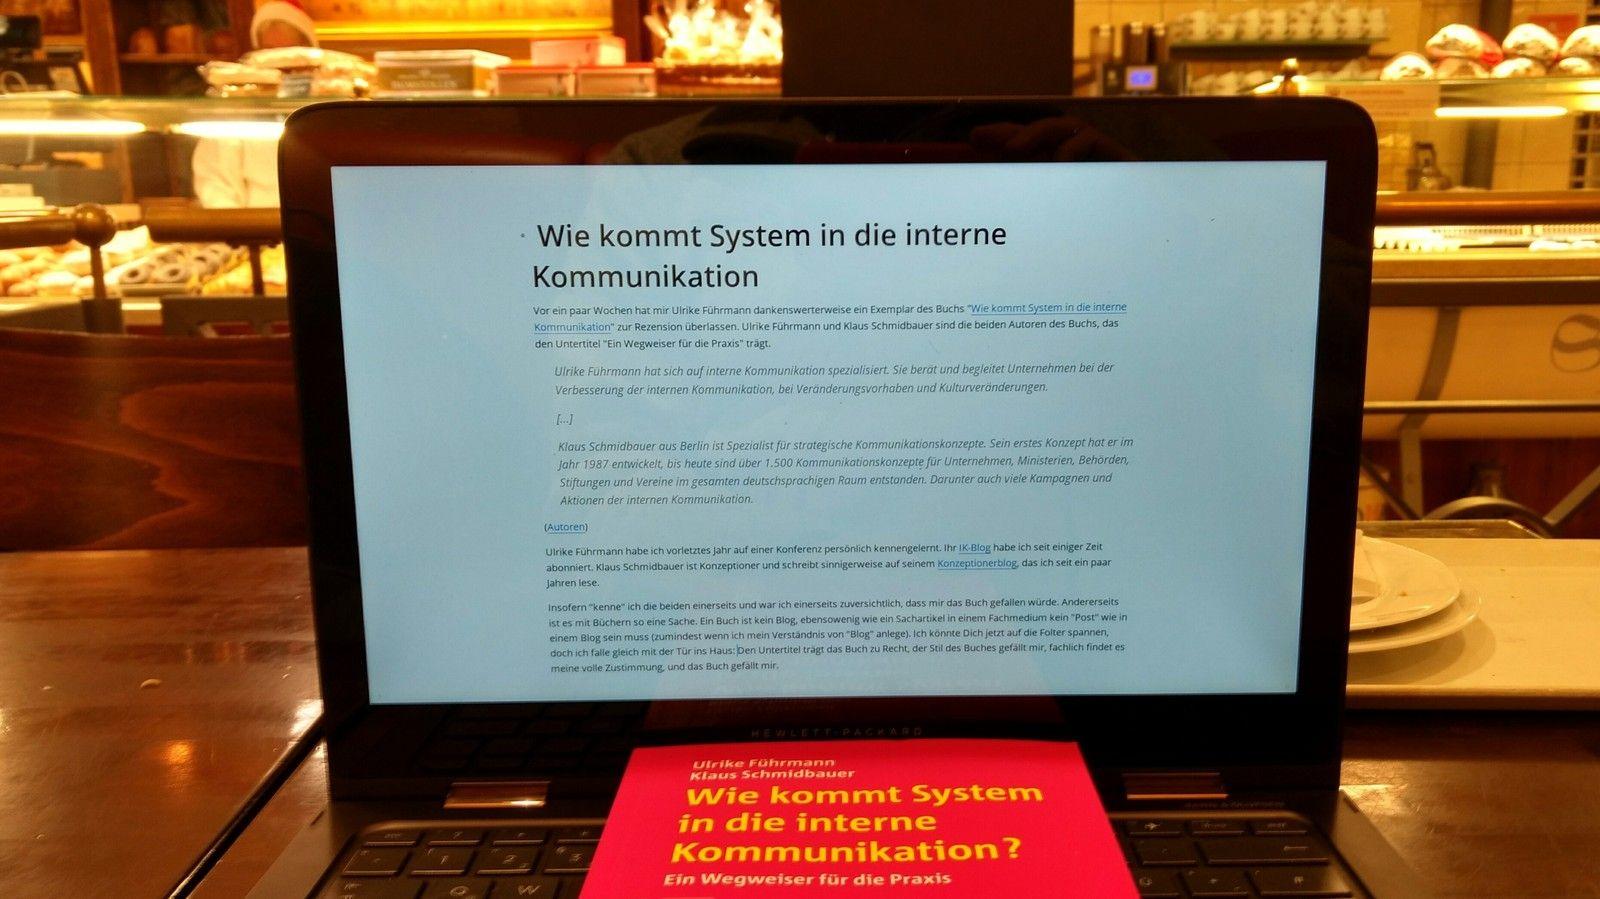 Wie kommt System in die interne Kommunikation?